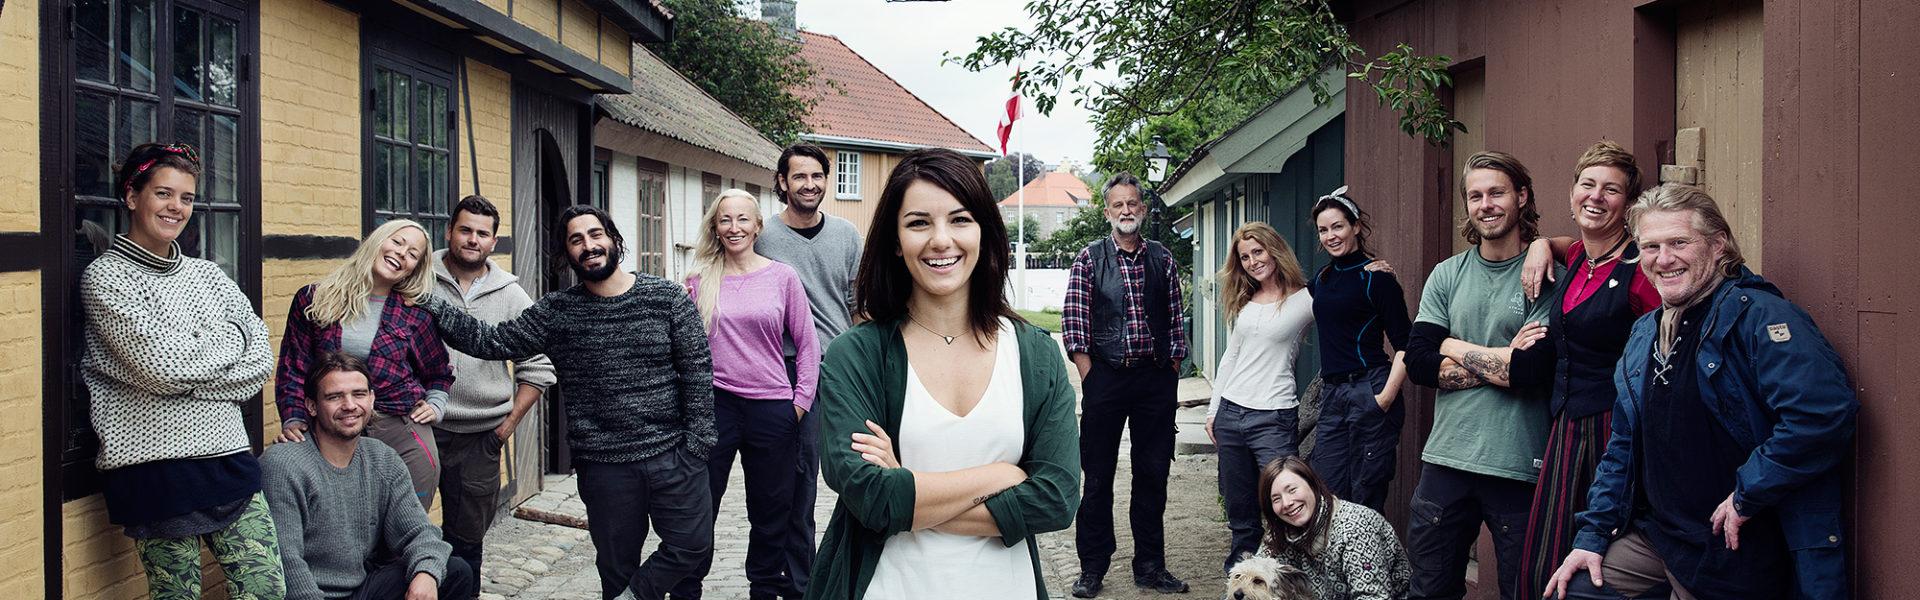 Mesterfagene er aktuelle i TV-serien Anno.